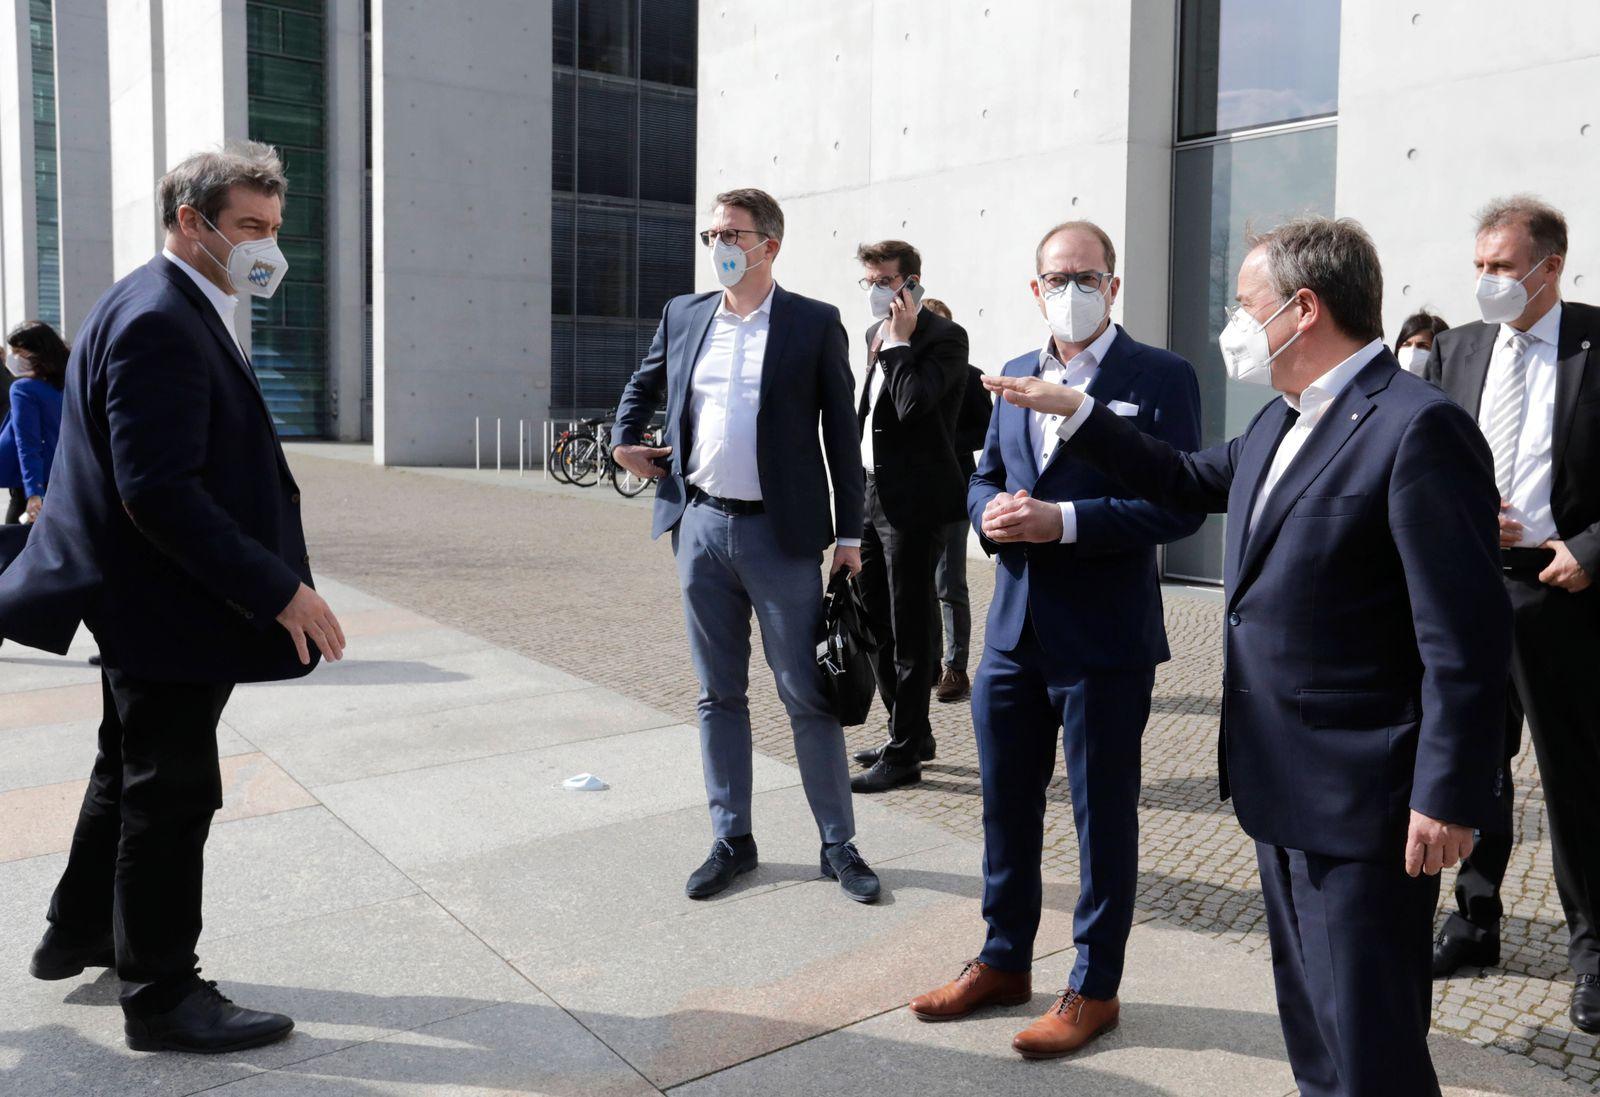 Markus Soeder, Ministerpraesident Bayern, Markus Blume, Generalsekretaer der CSU, Alexander Dobrindt, Vorsitzender der